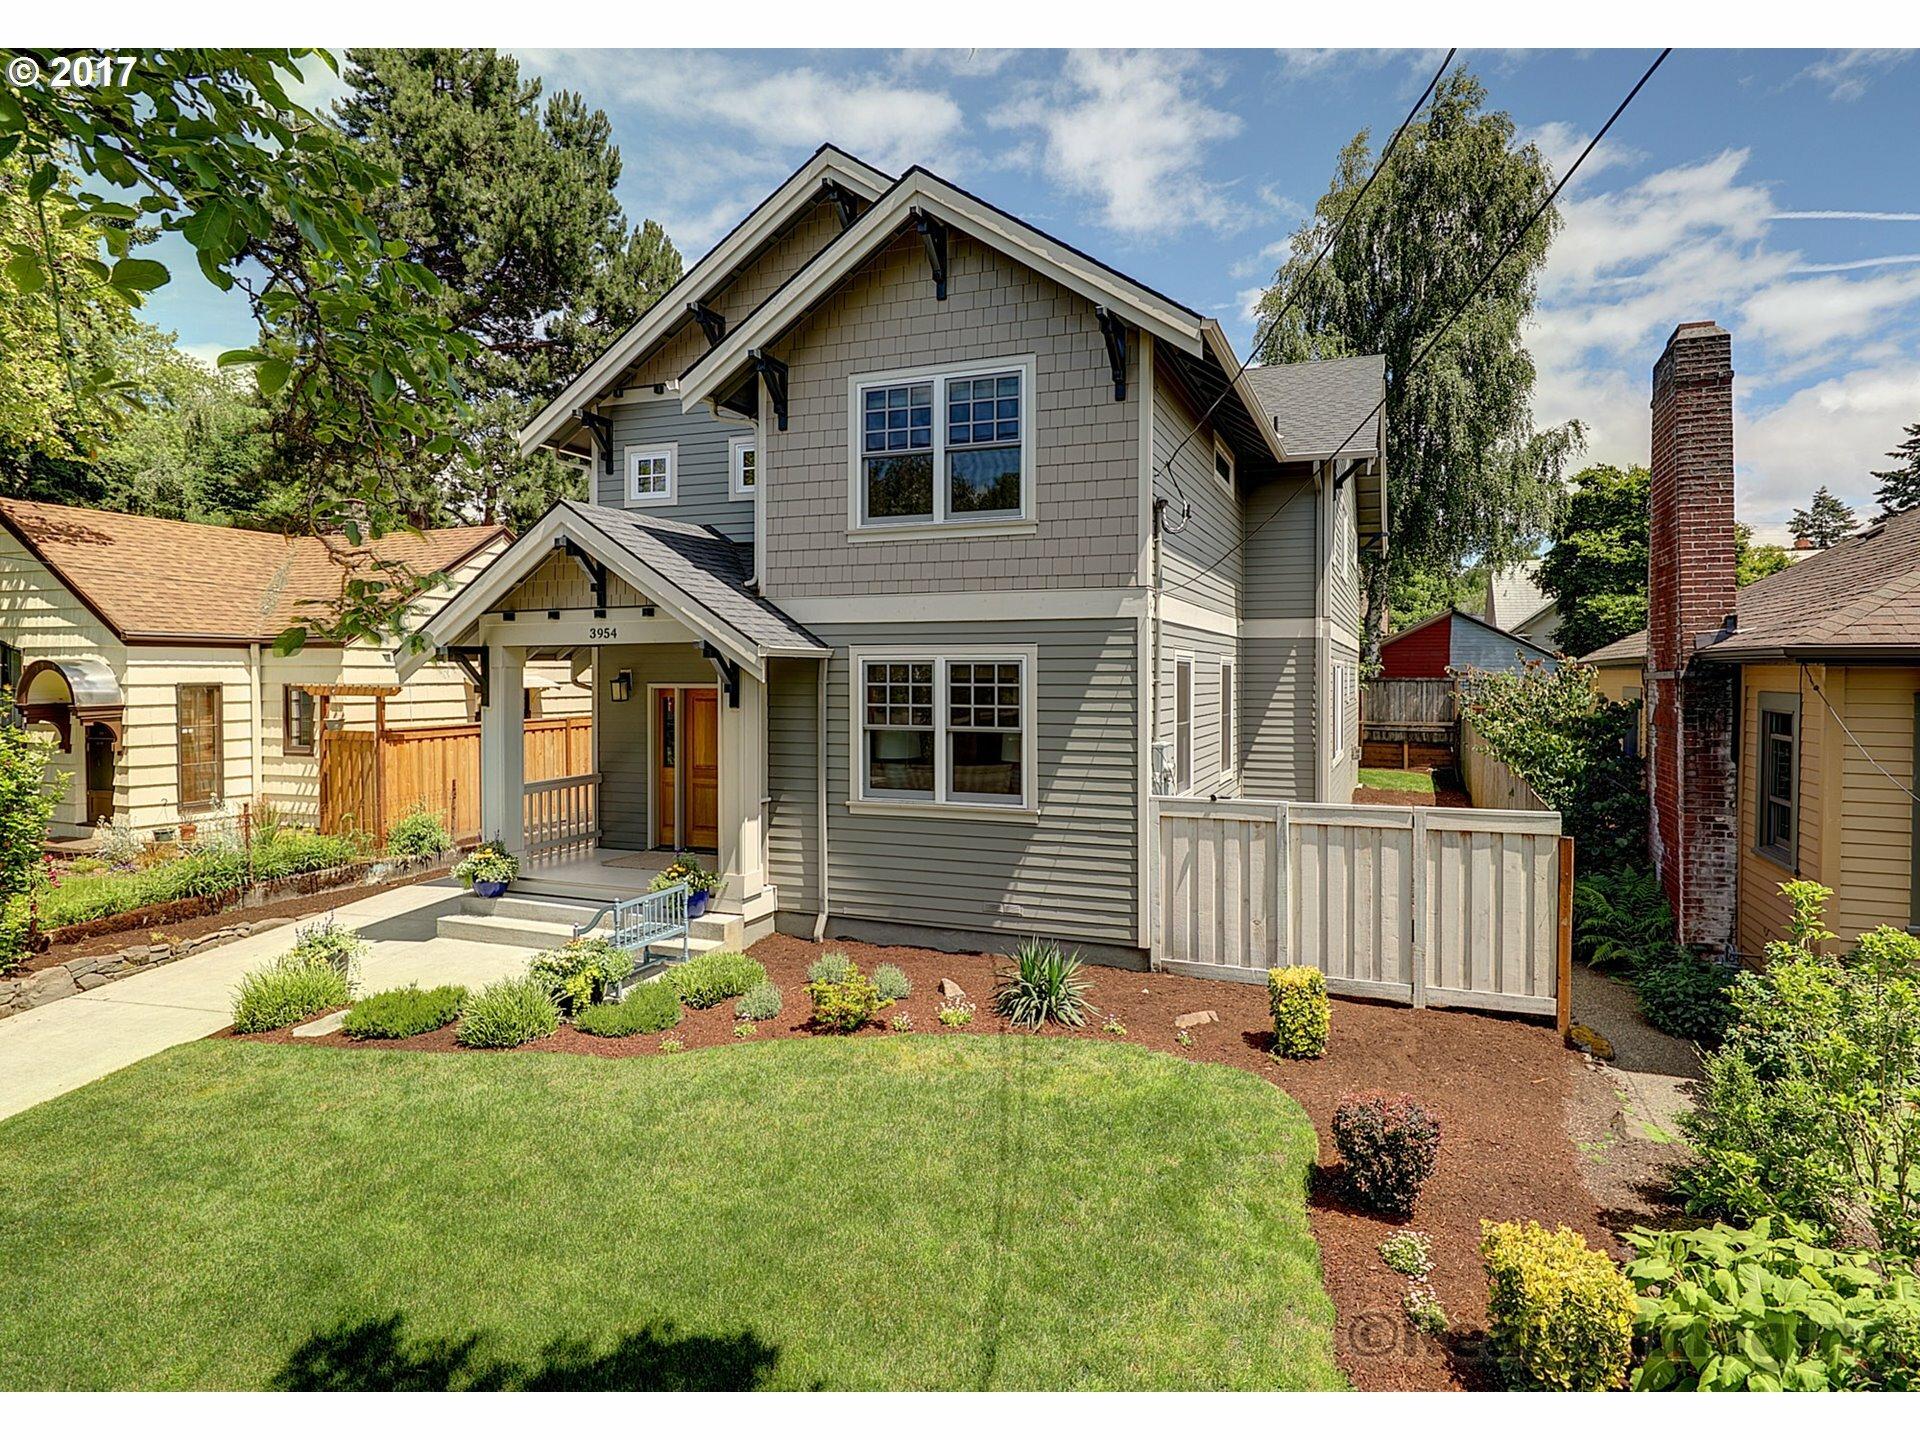 3954 Ne 18th Ave, Portland, OR - USA (photo 1)